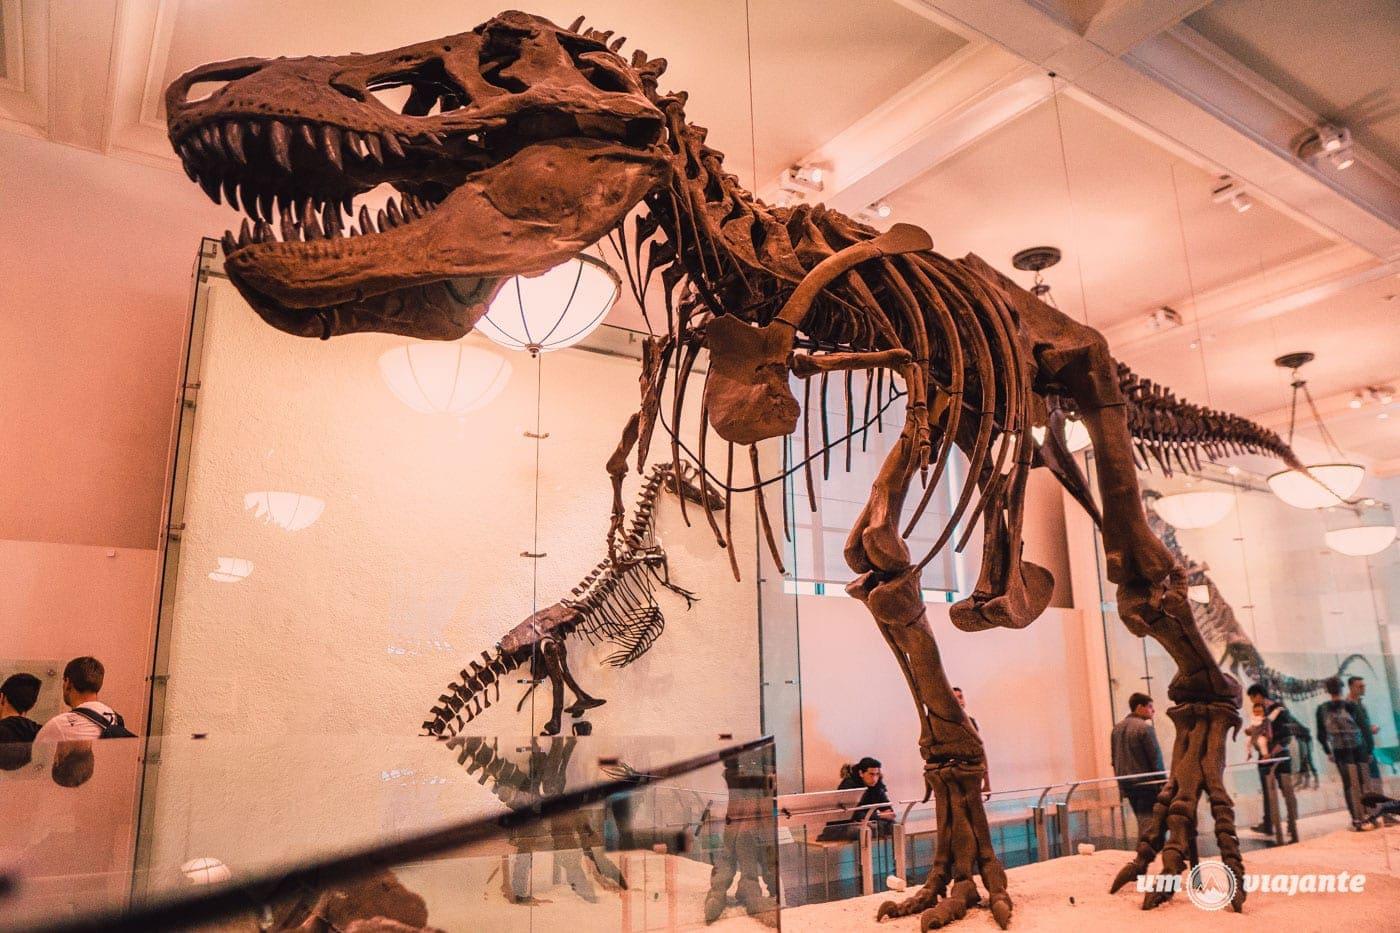 Dinossauros do Museu de História Natural - Nova York